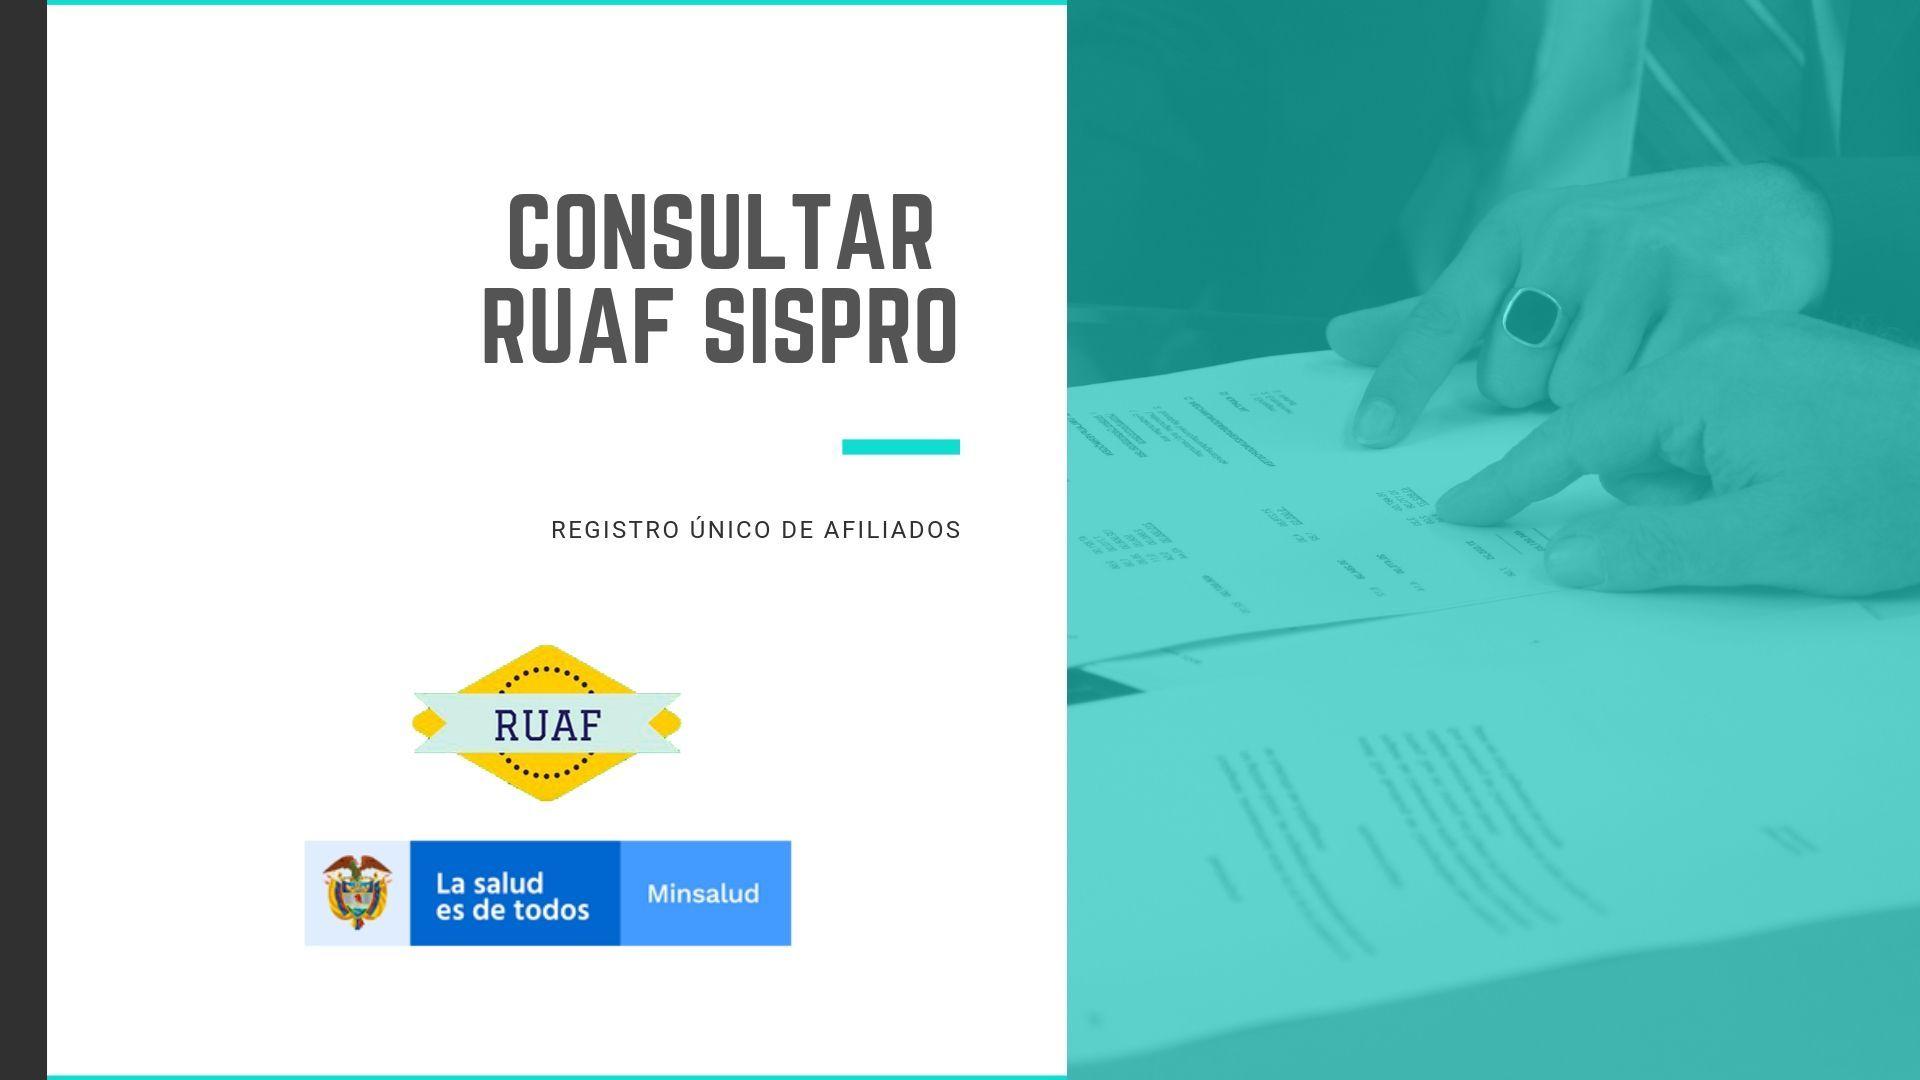 Pasos para consultar el SISPRO RUAF